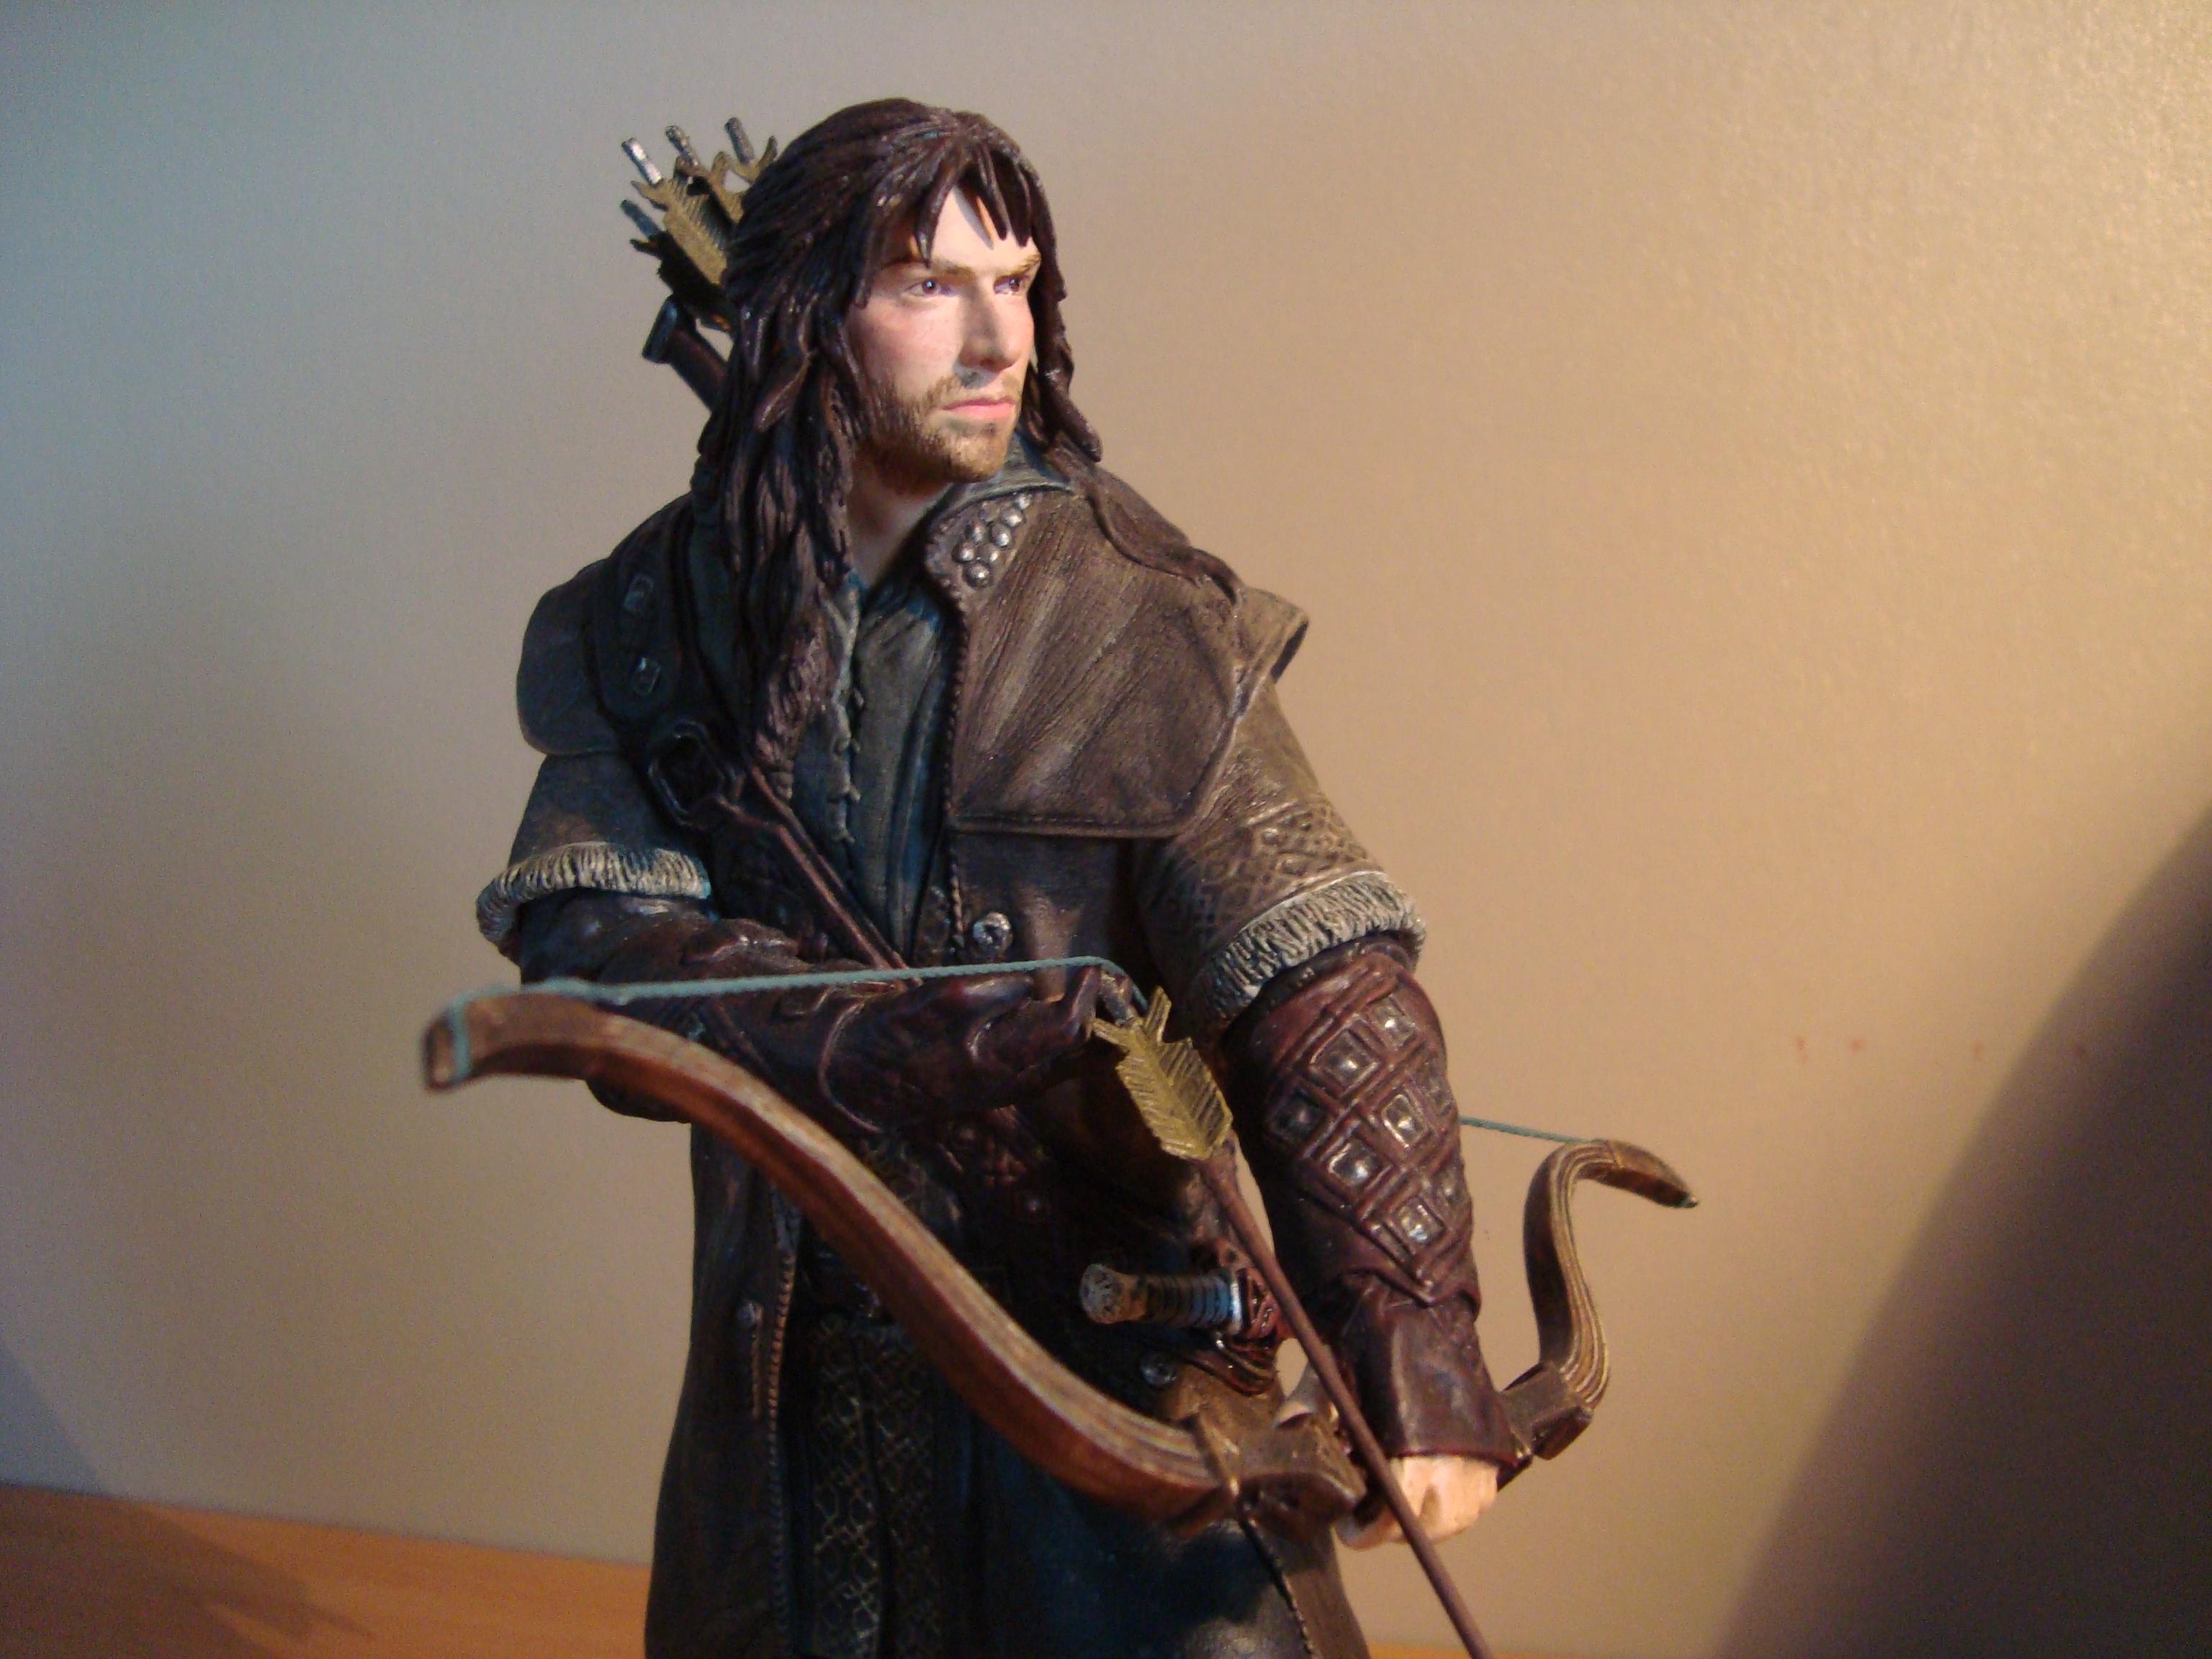 Le Seigneur des Anneaux / The Hobbit #3 848294Kilithedwarf02